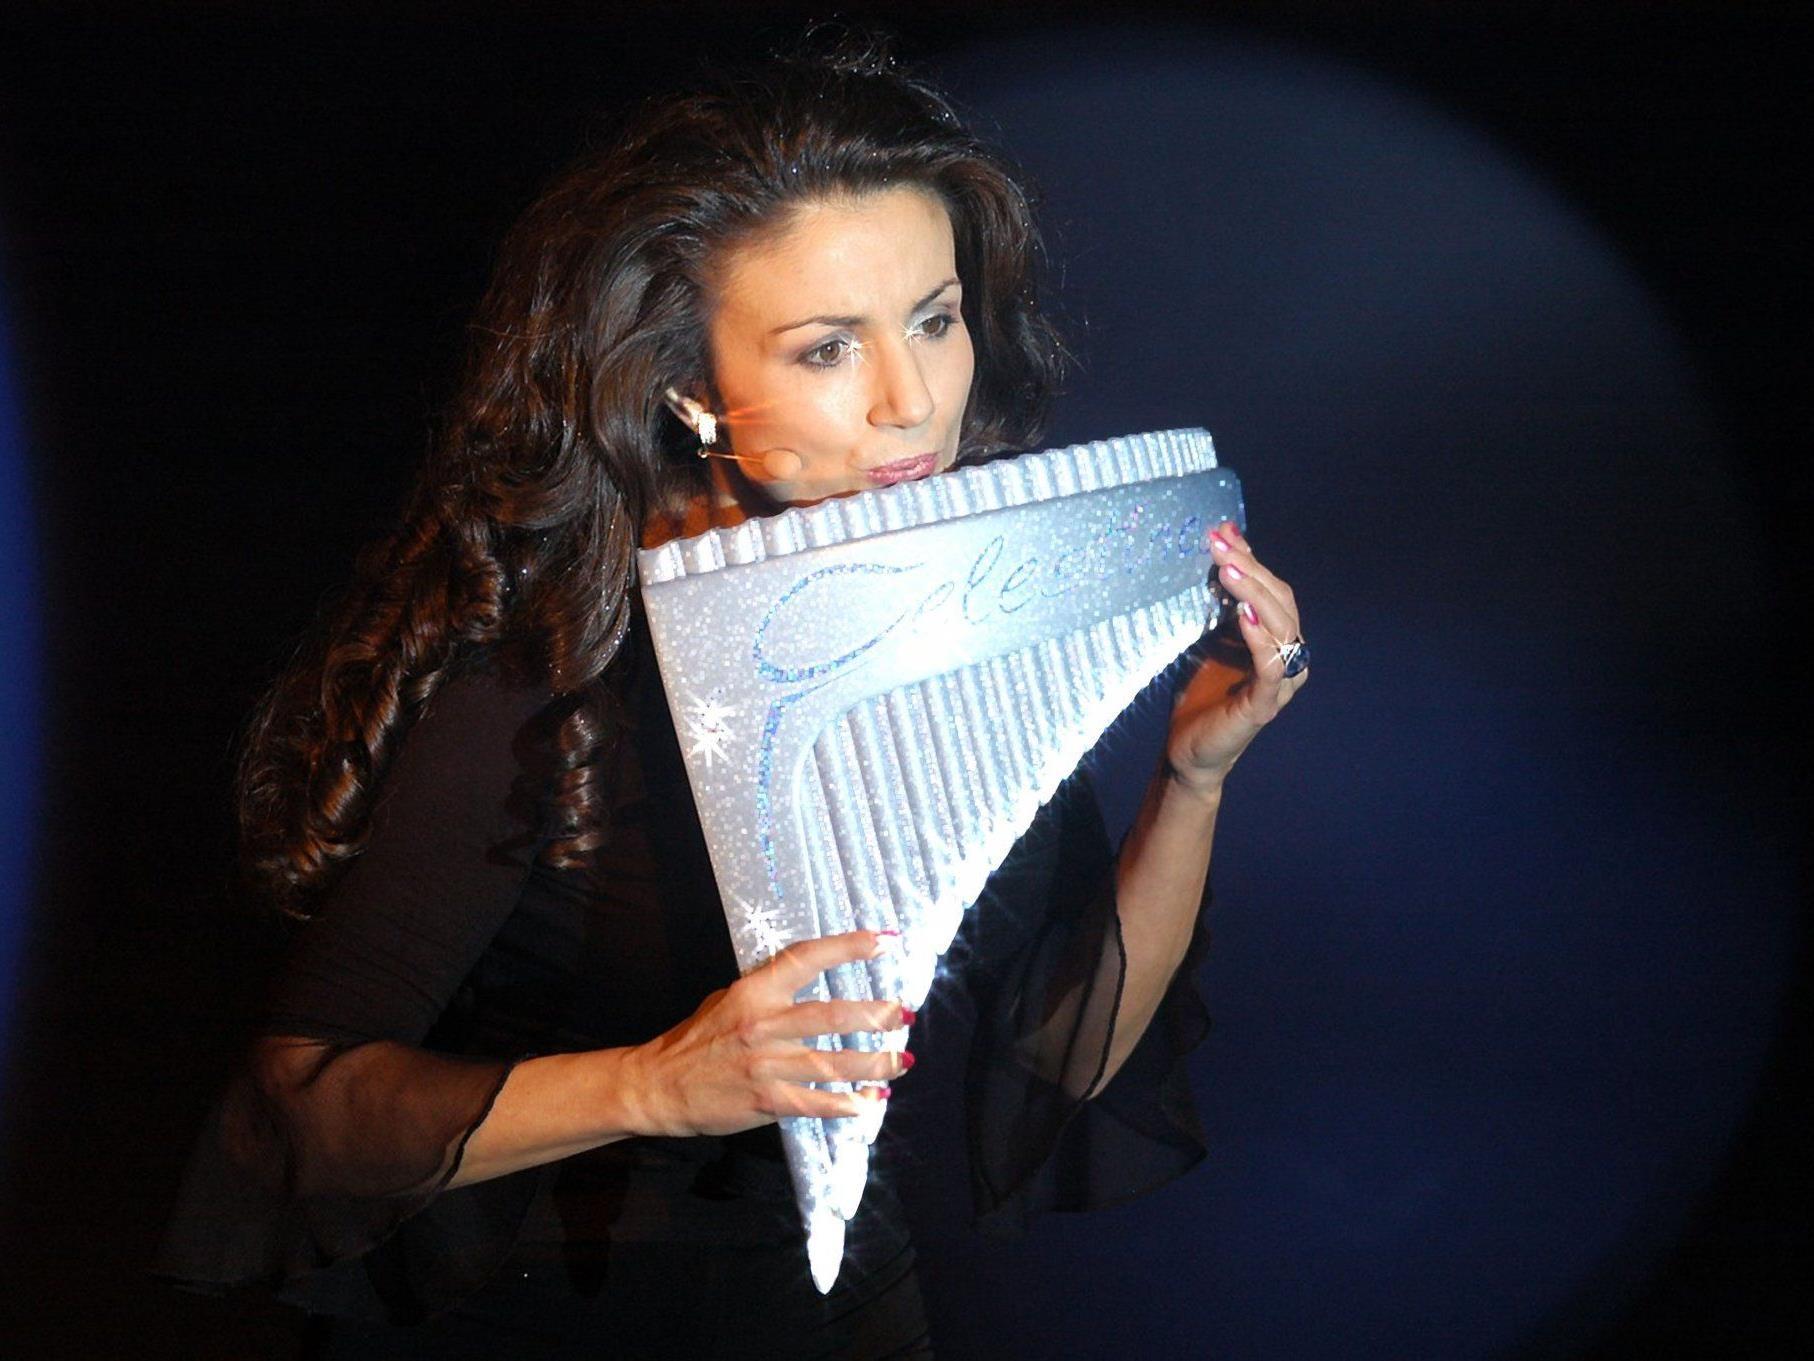 """Grand-Prix-Siegerin Daniela dé Santos gastiert beim """"Montafoner Winterzauber"""" in Tschagguns."""